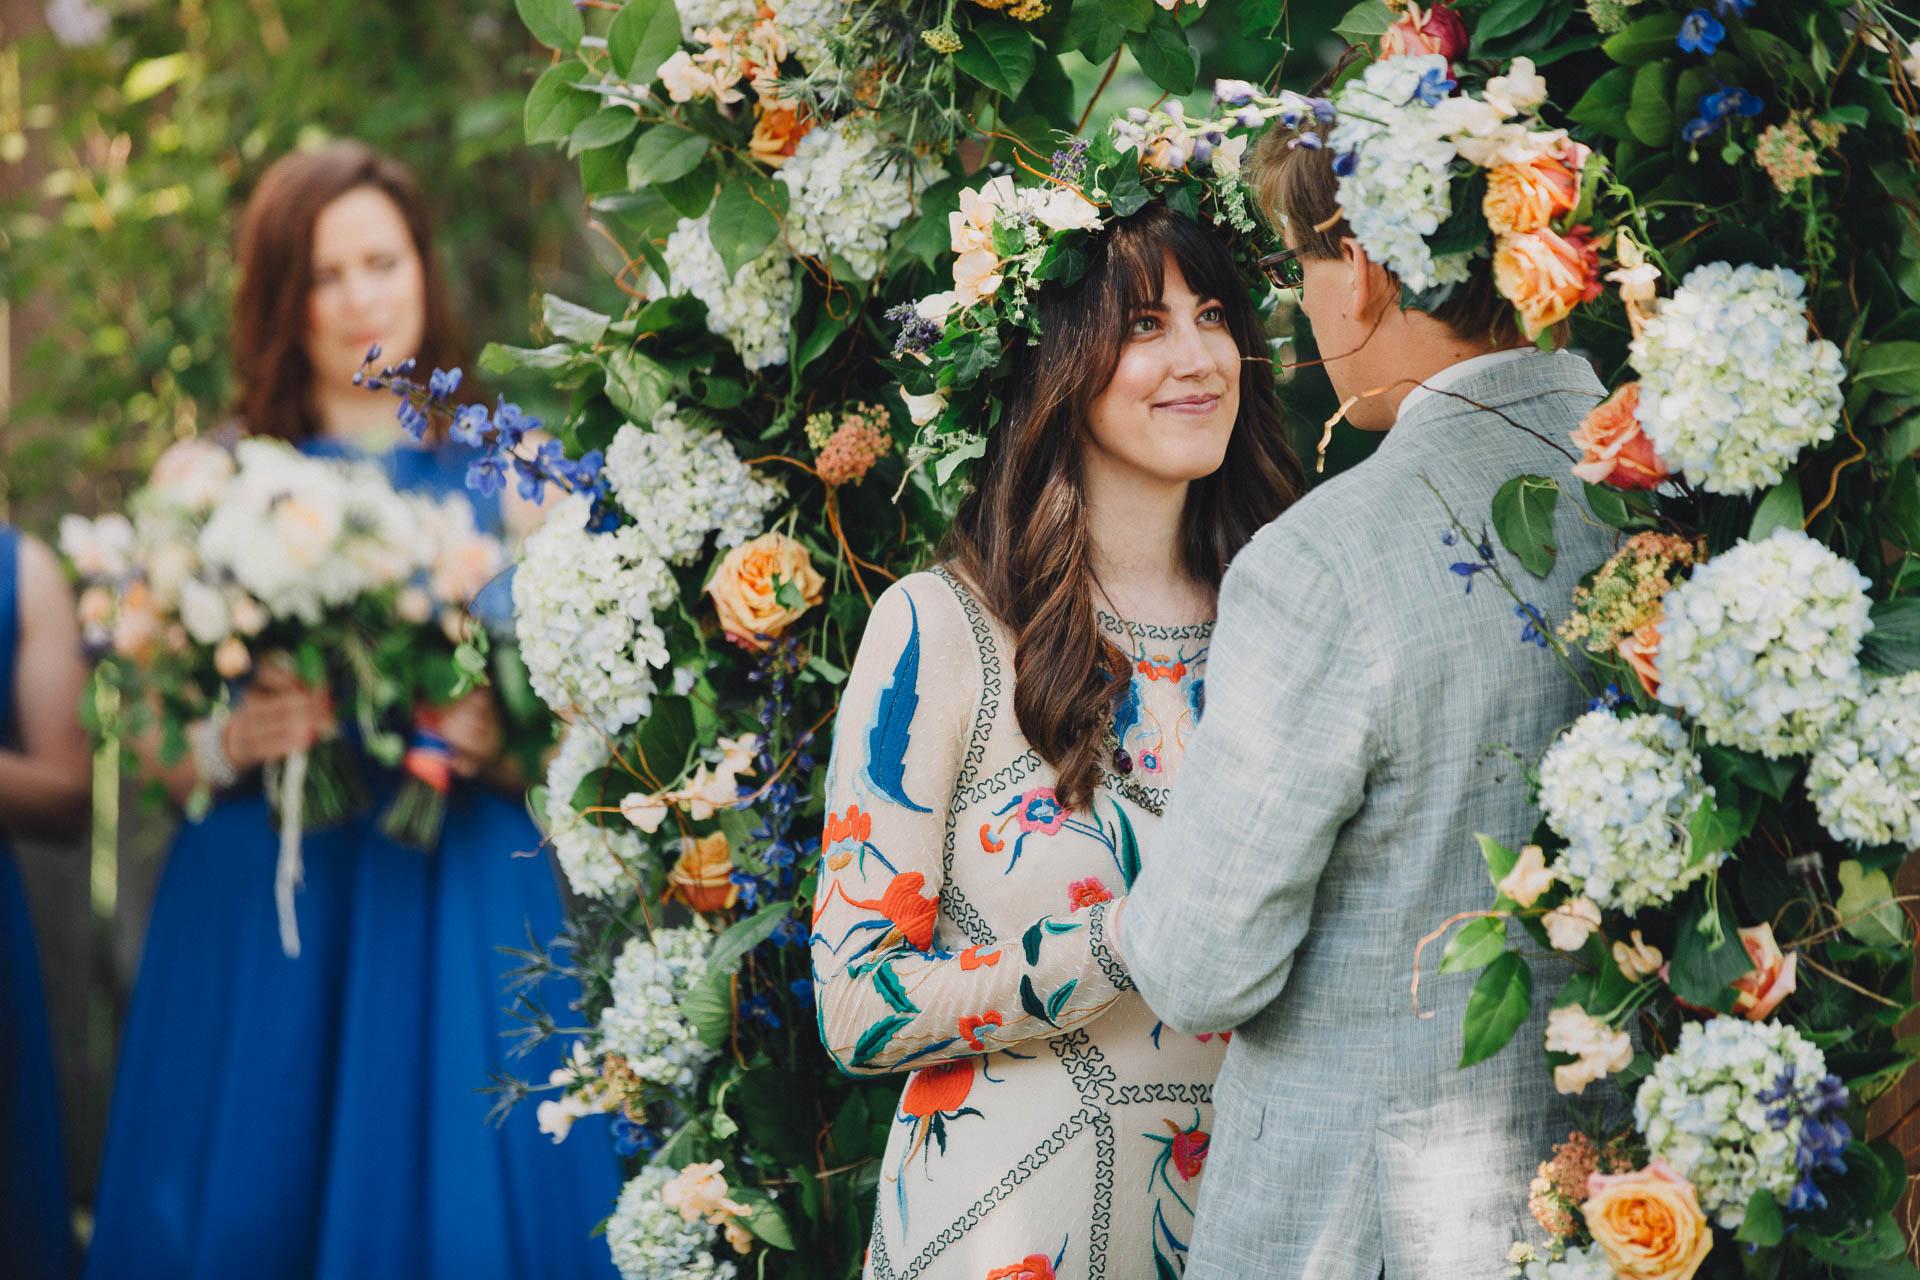 Megan-Paul-Ohio-English-Garden-Wedding-042@2x.jpg